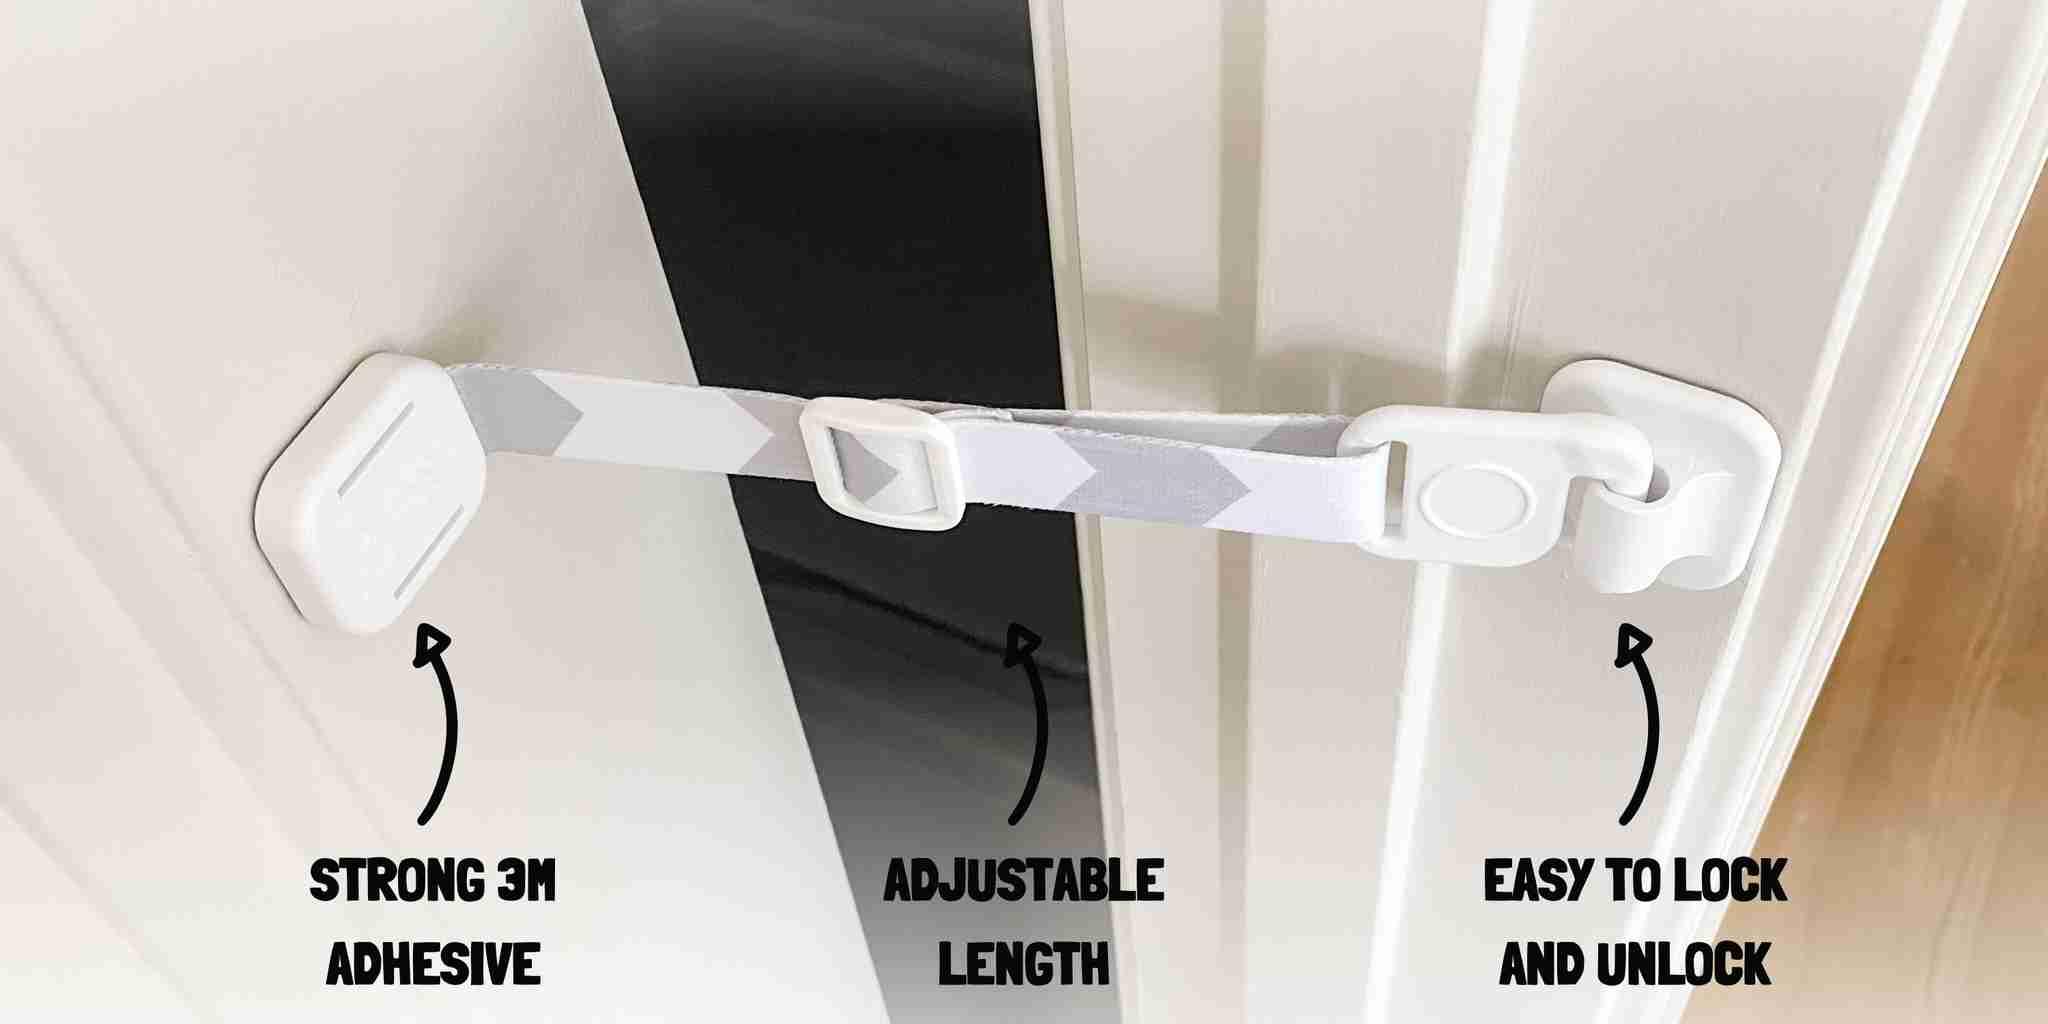 What is Door Buddy? - Adjustable Door Latch